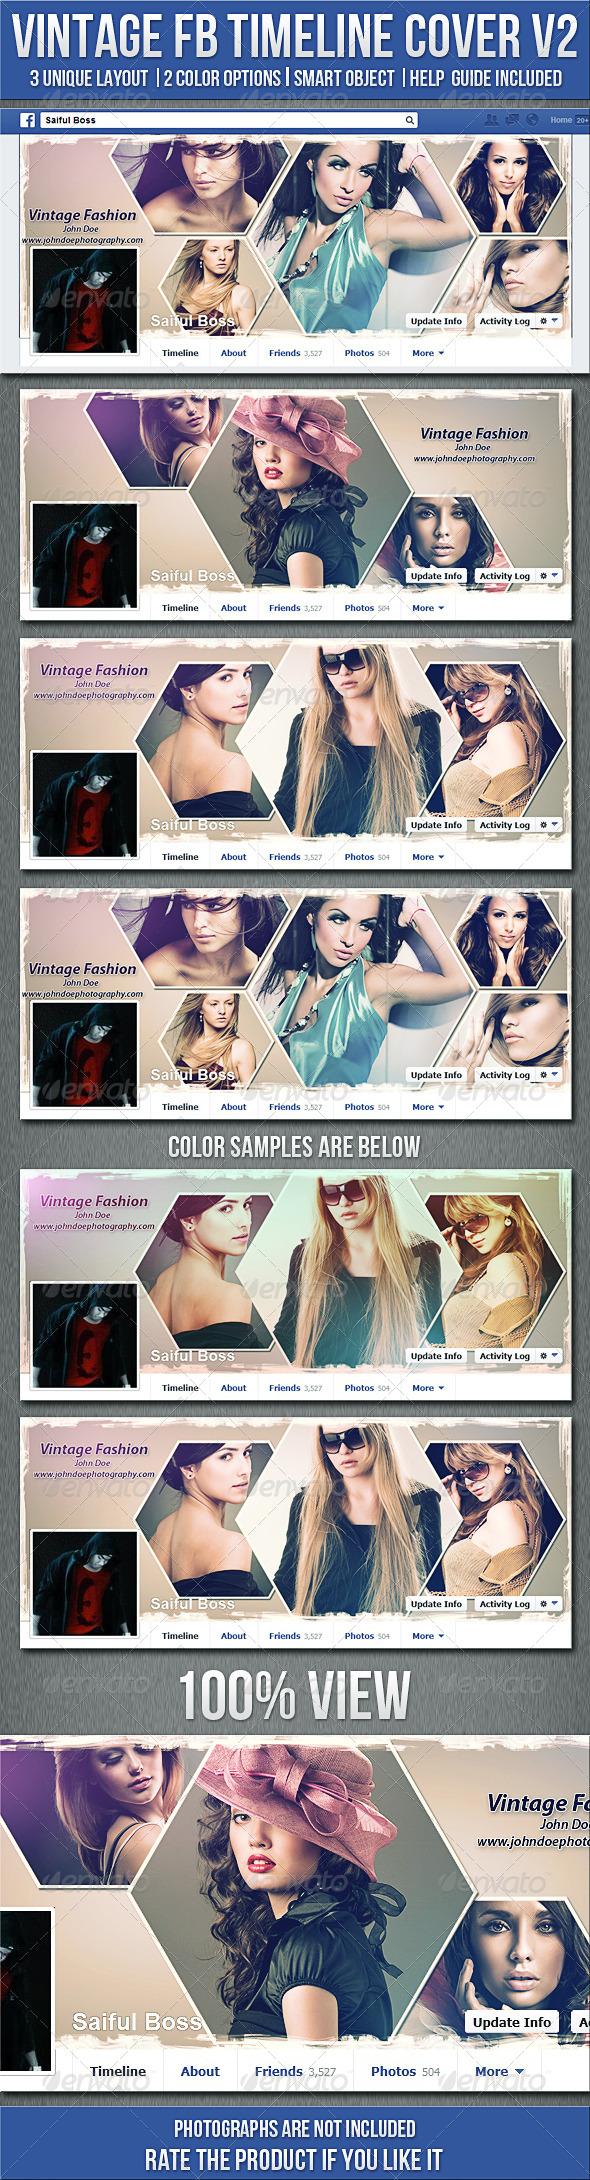 GraphicRiver Vintage Photography FB Timeline Cover V2 5388549